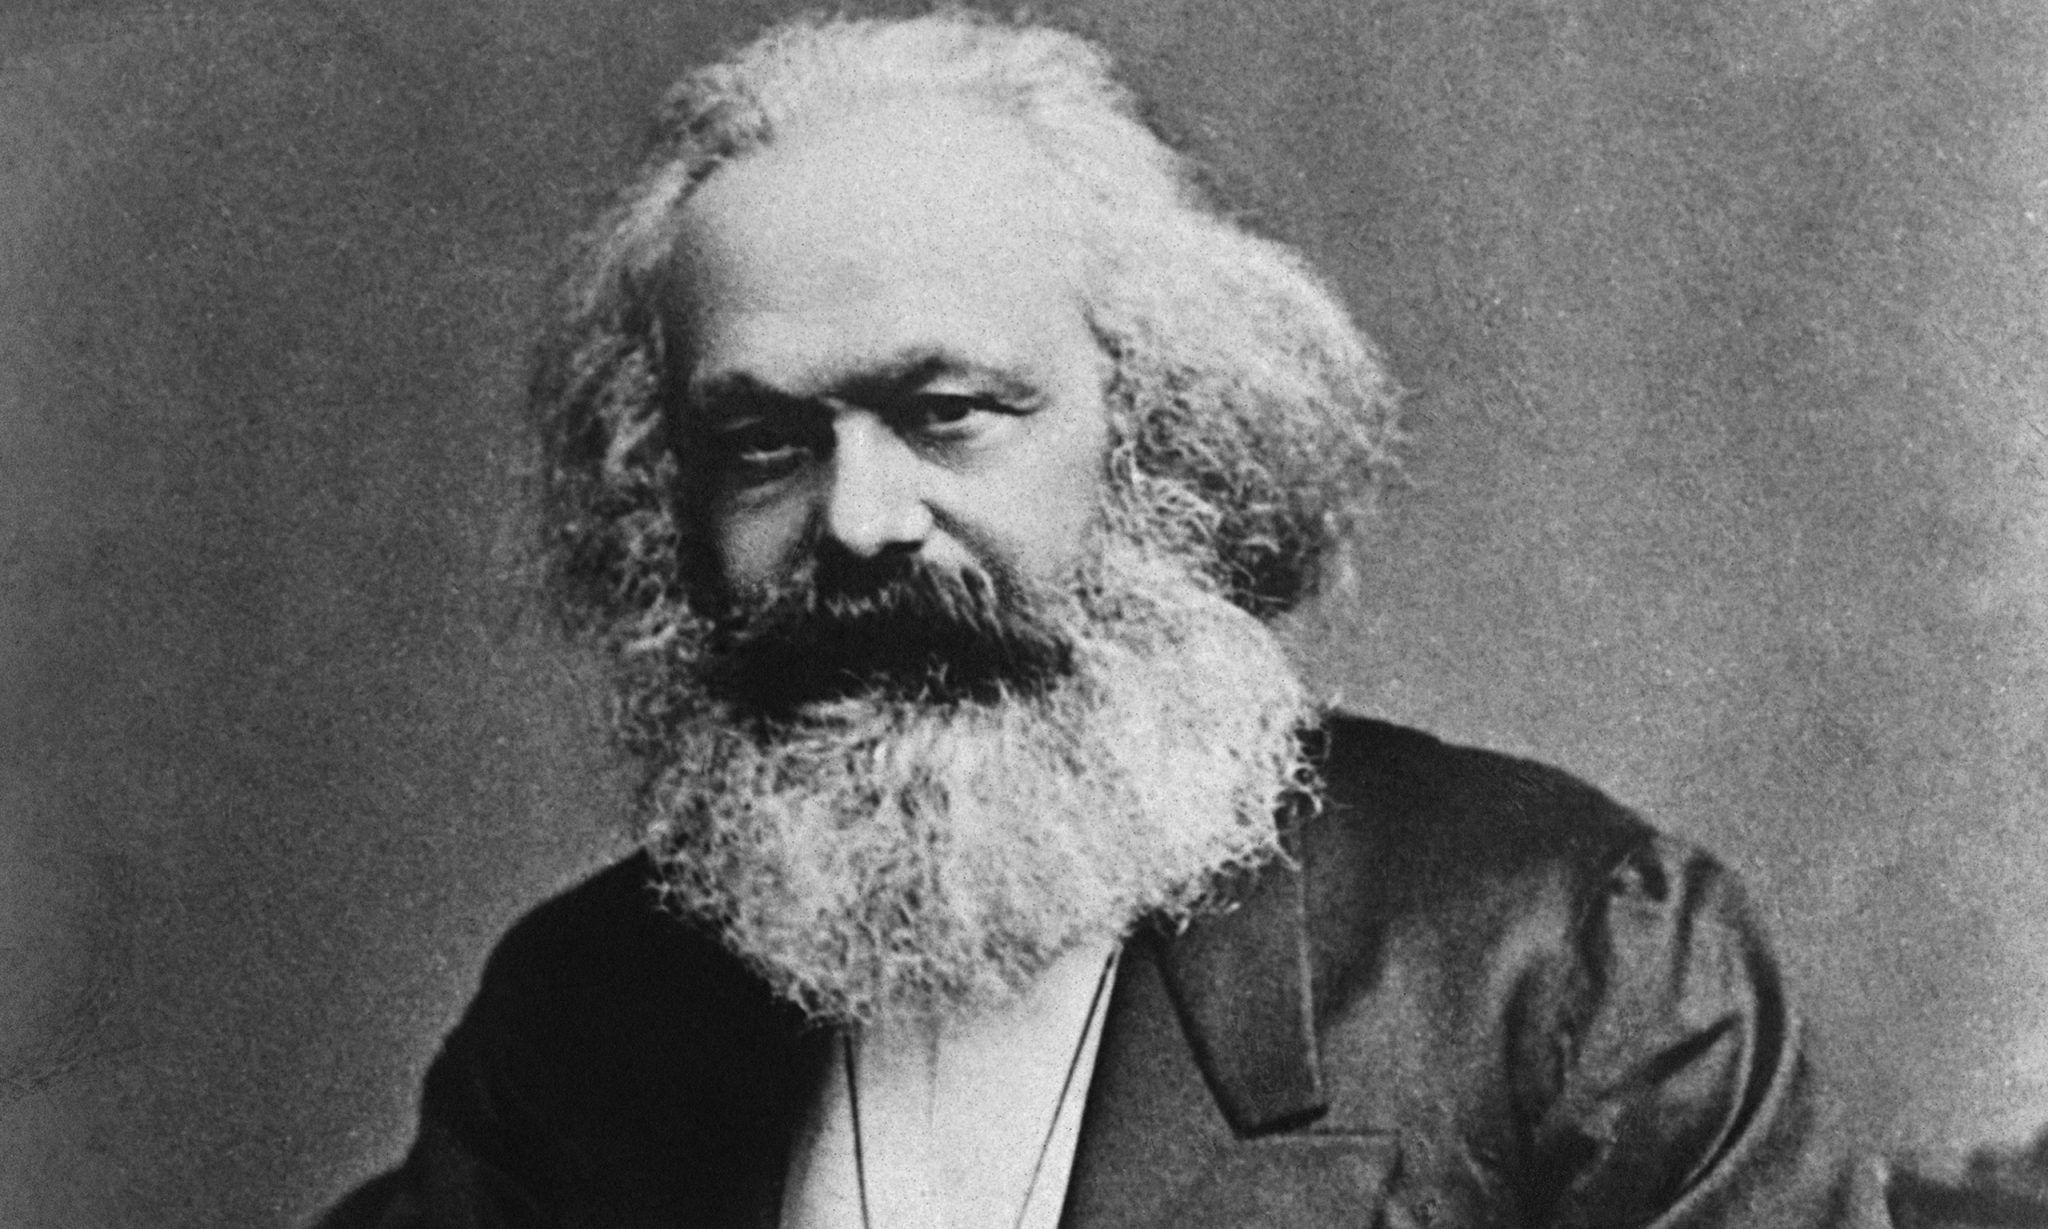 Discurso pronunciado por Karl Marx el 14 de abril de 1856 en la fiesta del aniversario de People's Paper